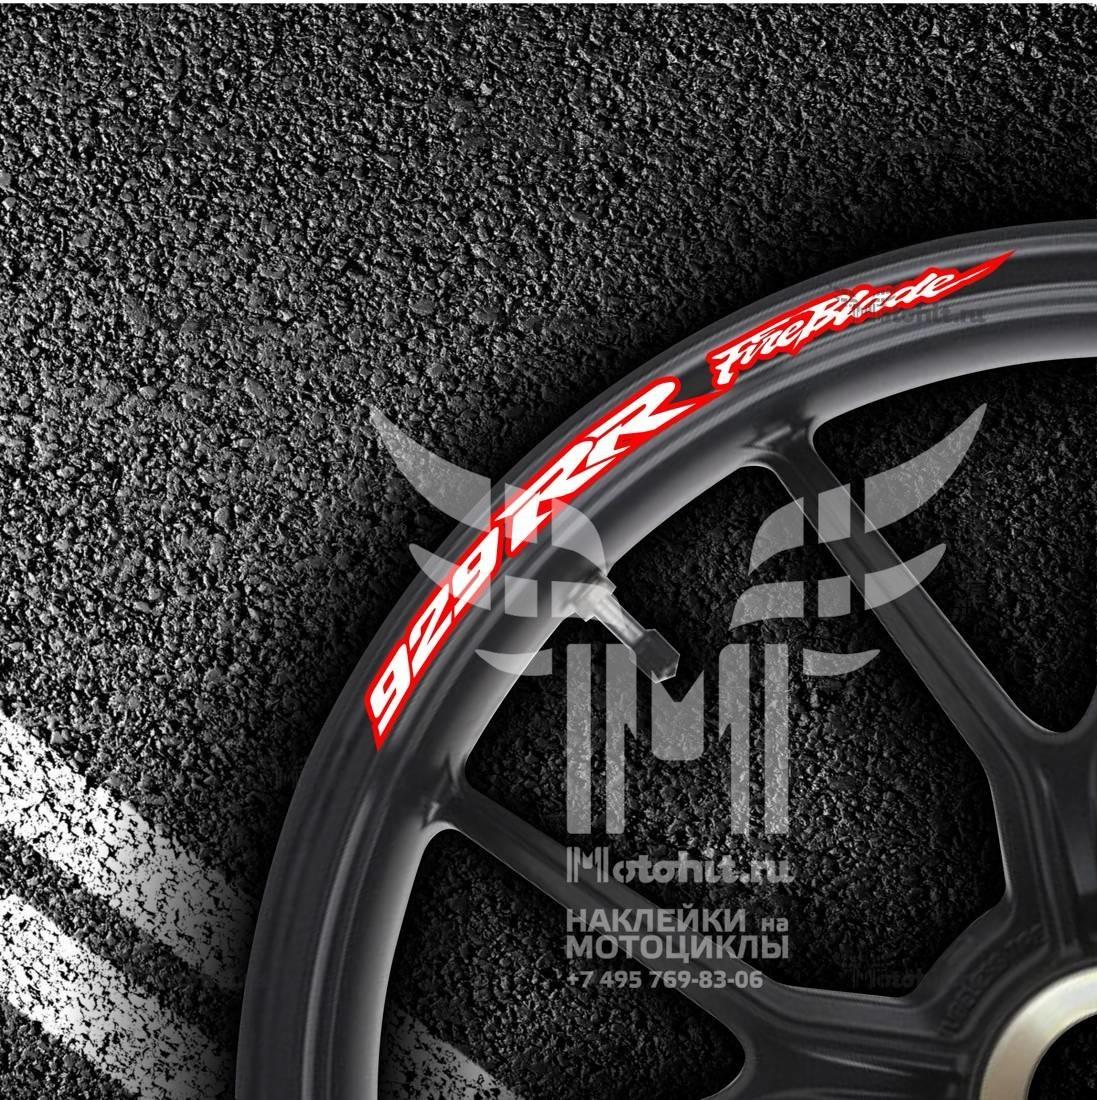 Комплект наклеек на обод колеса мотоцикла HONDA CBR-929-RR-FIREBLADE